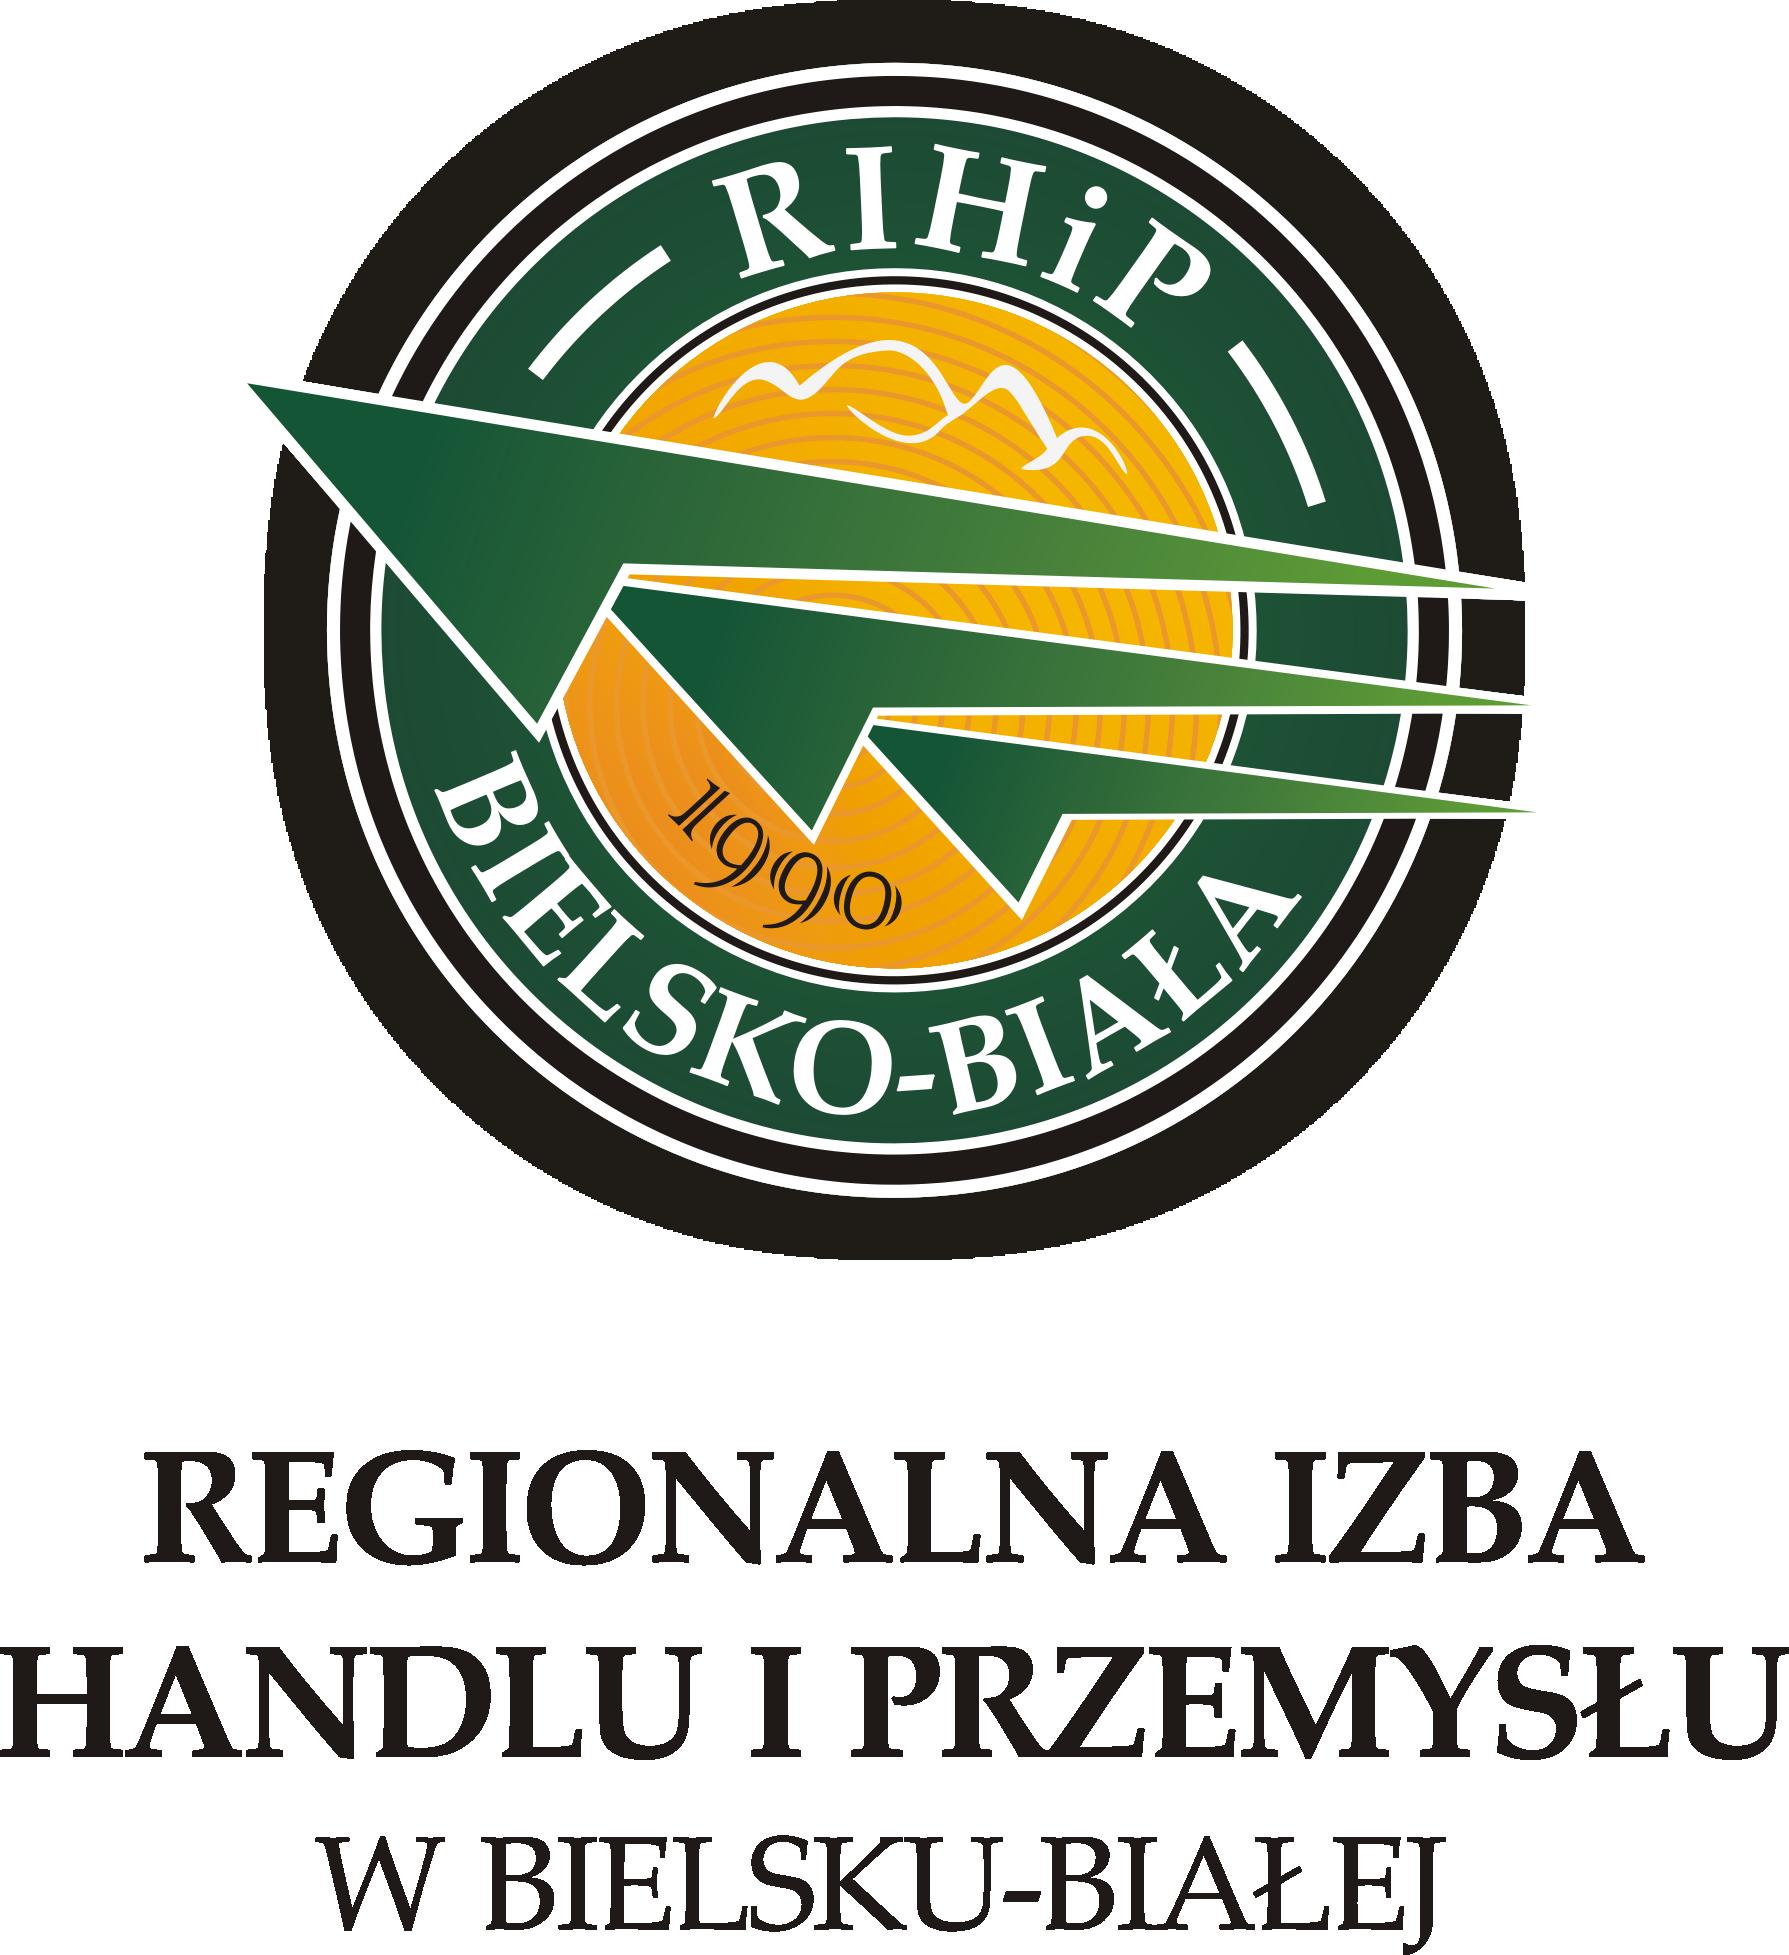 Logo RIHiP pionowe